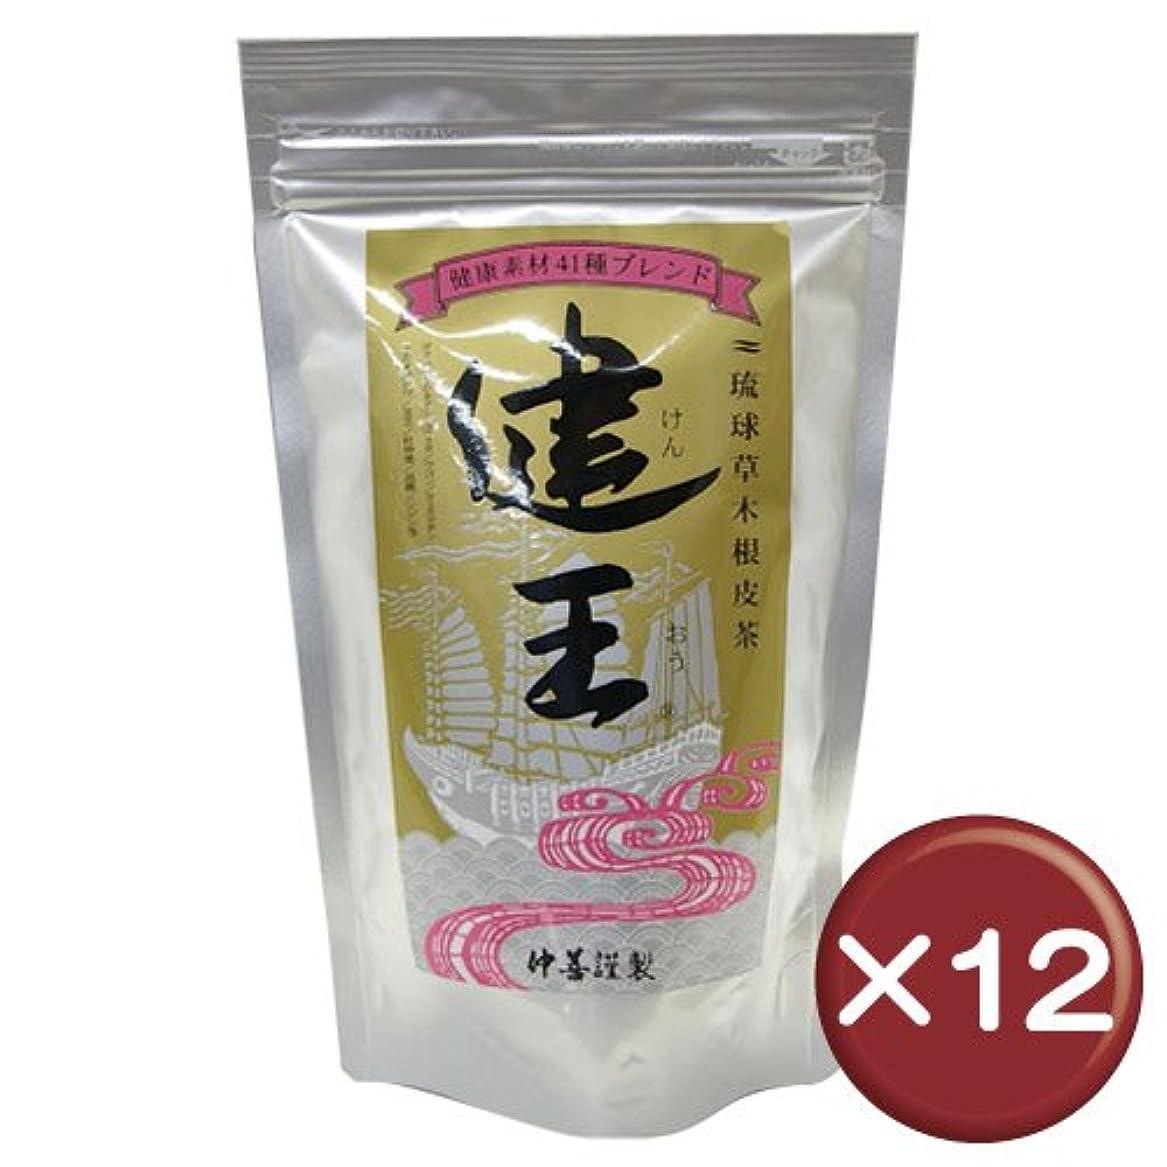 電気段階軽量琉球草木根皮茶 健王 ティーバッグ 2g×30包 12袋セット